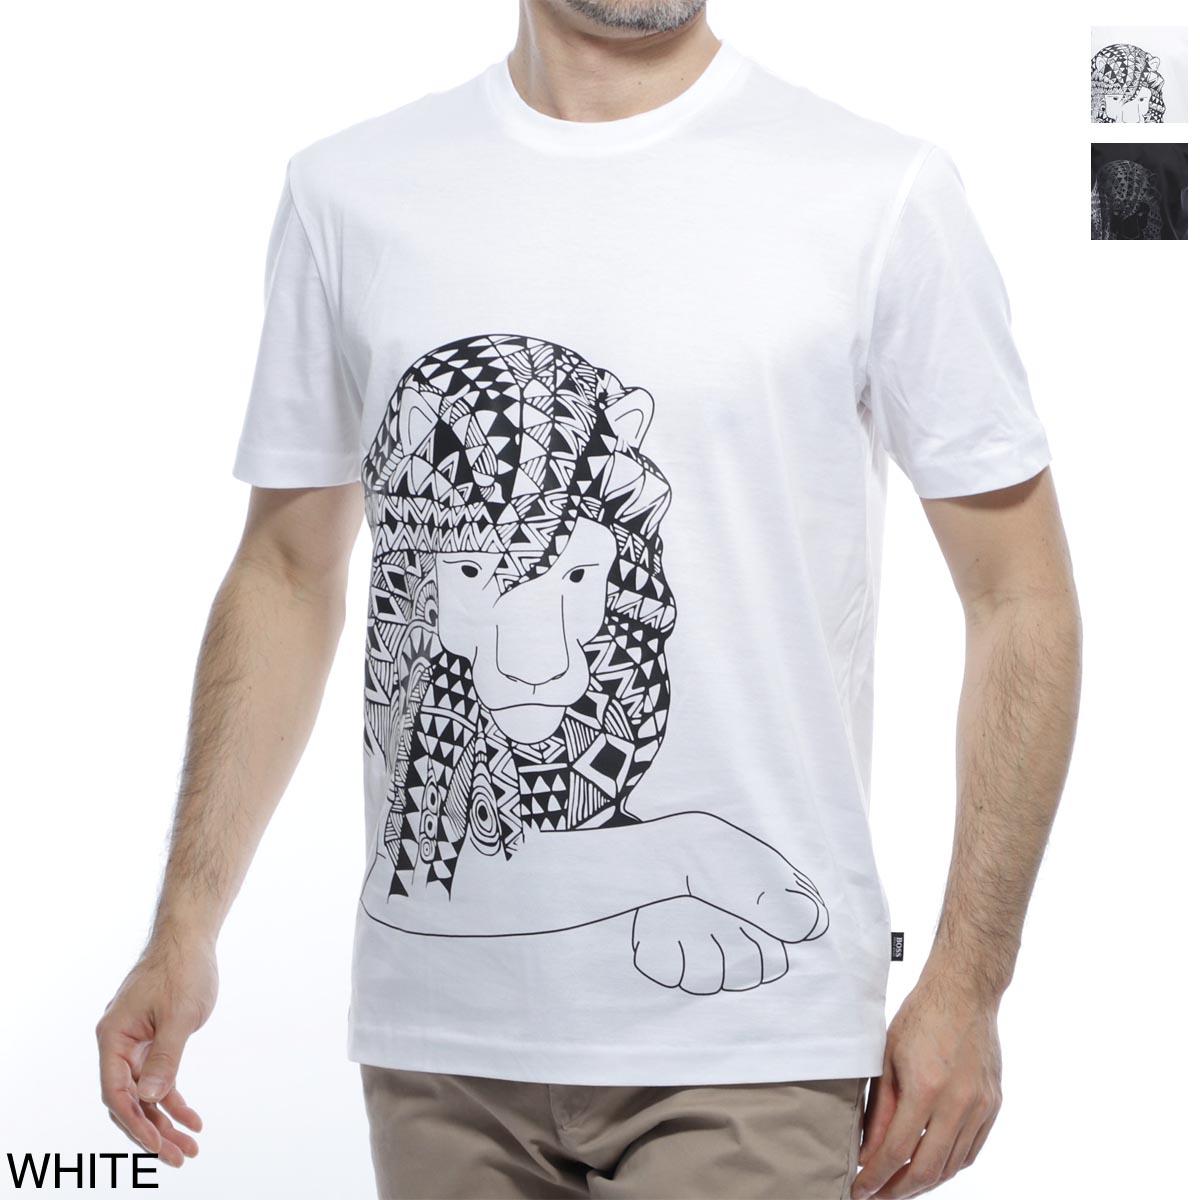 ボスヒューゴボス BOSS HUGOBOSS クルーネックTシャツ メンズ 半袖 コラボ マイセン tiburt 50423048 100 BOSS×MEISSEN TIBURT【あす楽対応_関東】【返品送料無料】【ラッピング無料】